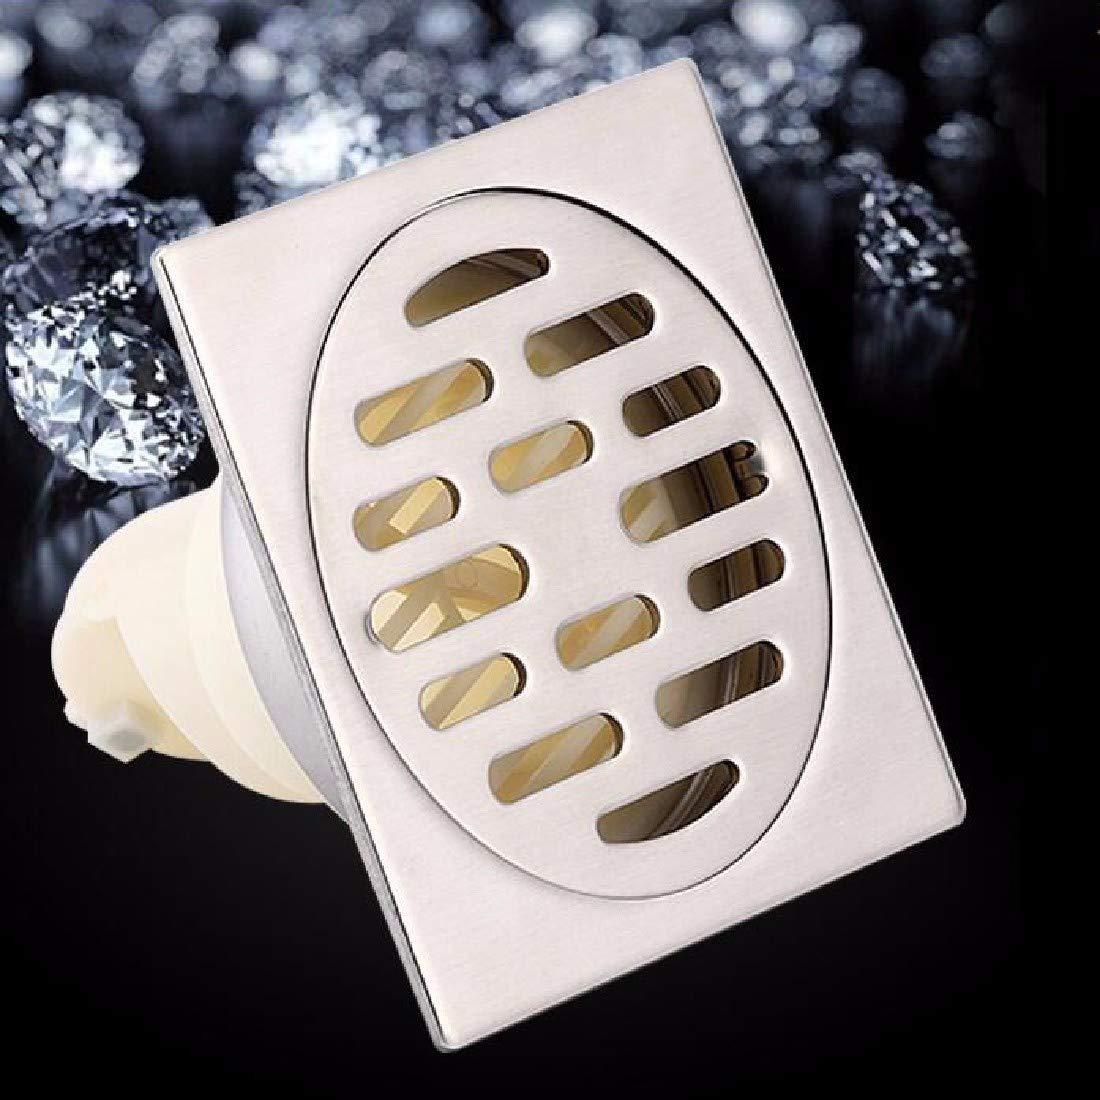 CJSHV Doccia A Pavimento Deodorante Scarico A Terra L'Acciaio Inossidabile 4 Scarico A Terra Bagno Doccia Balcone Generale,B.